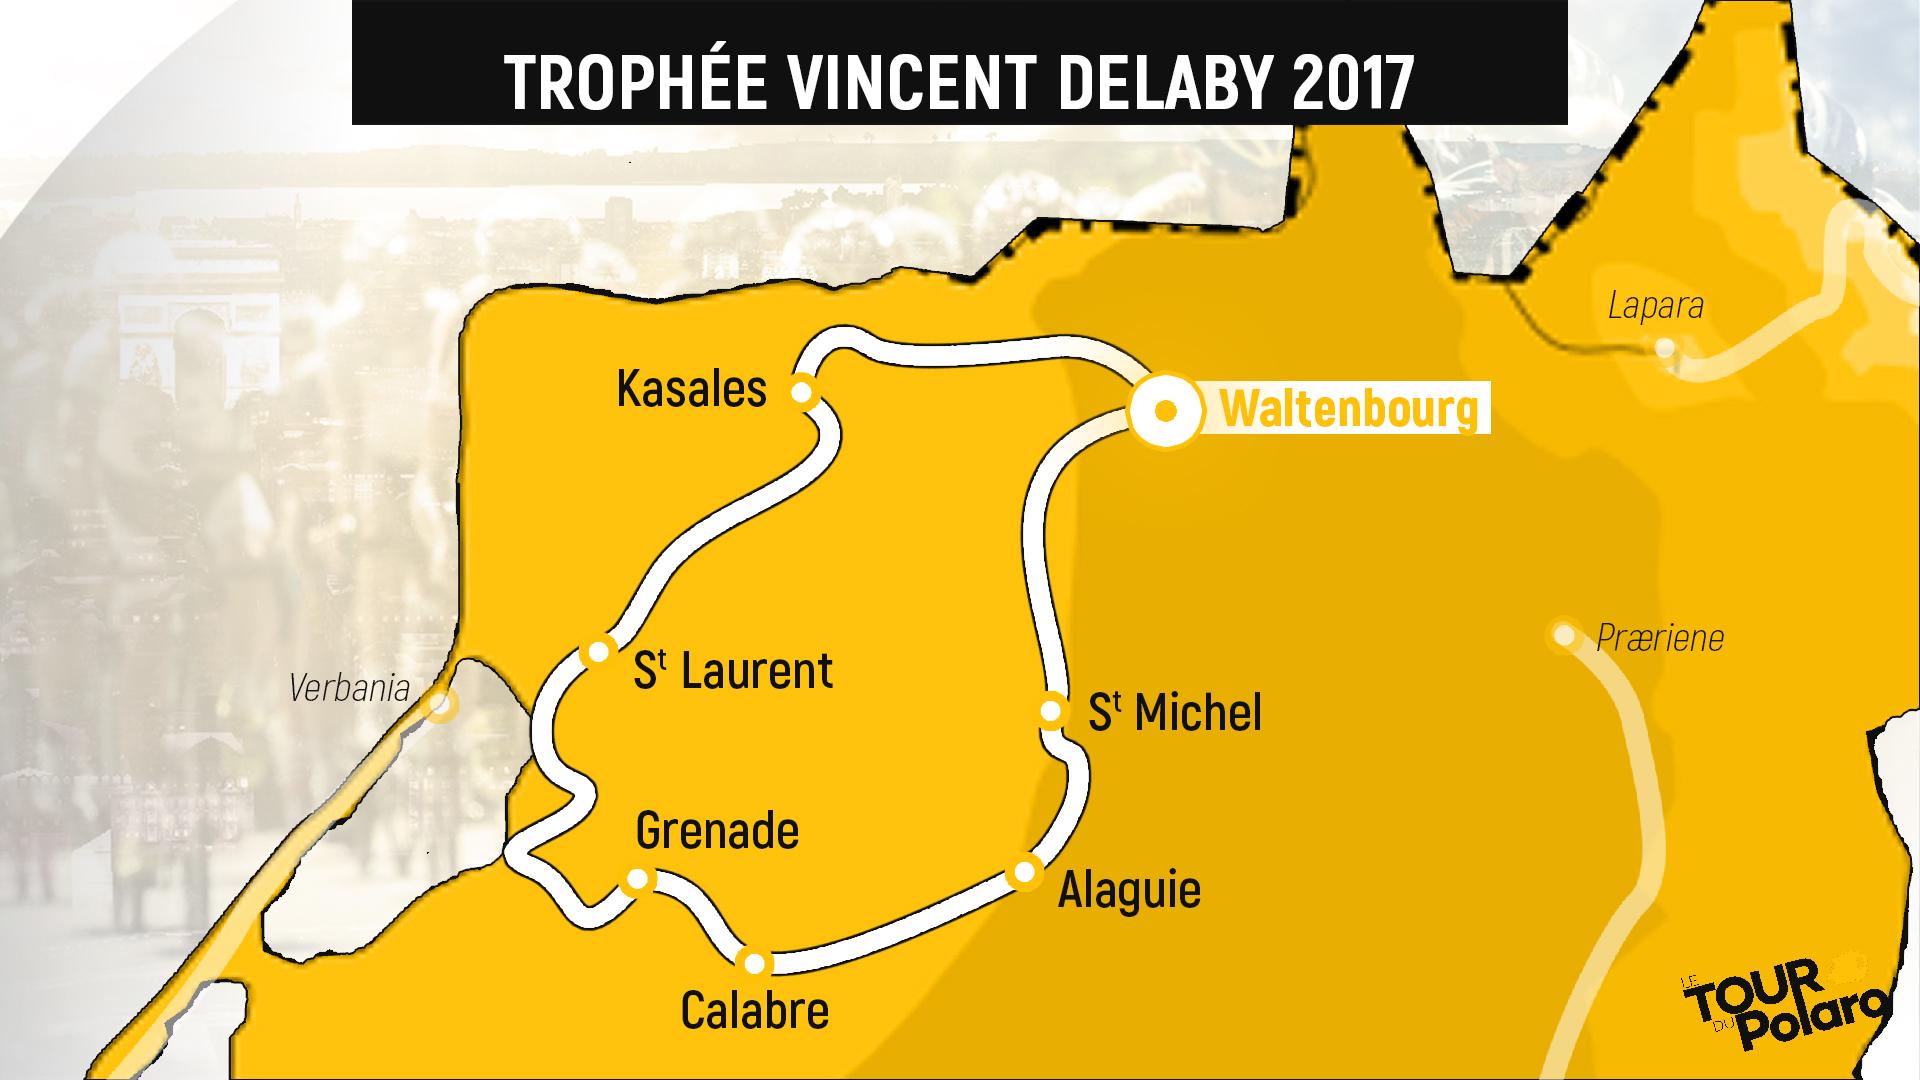 Trophée V. Delaby ReHy4